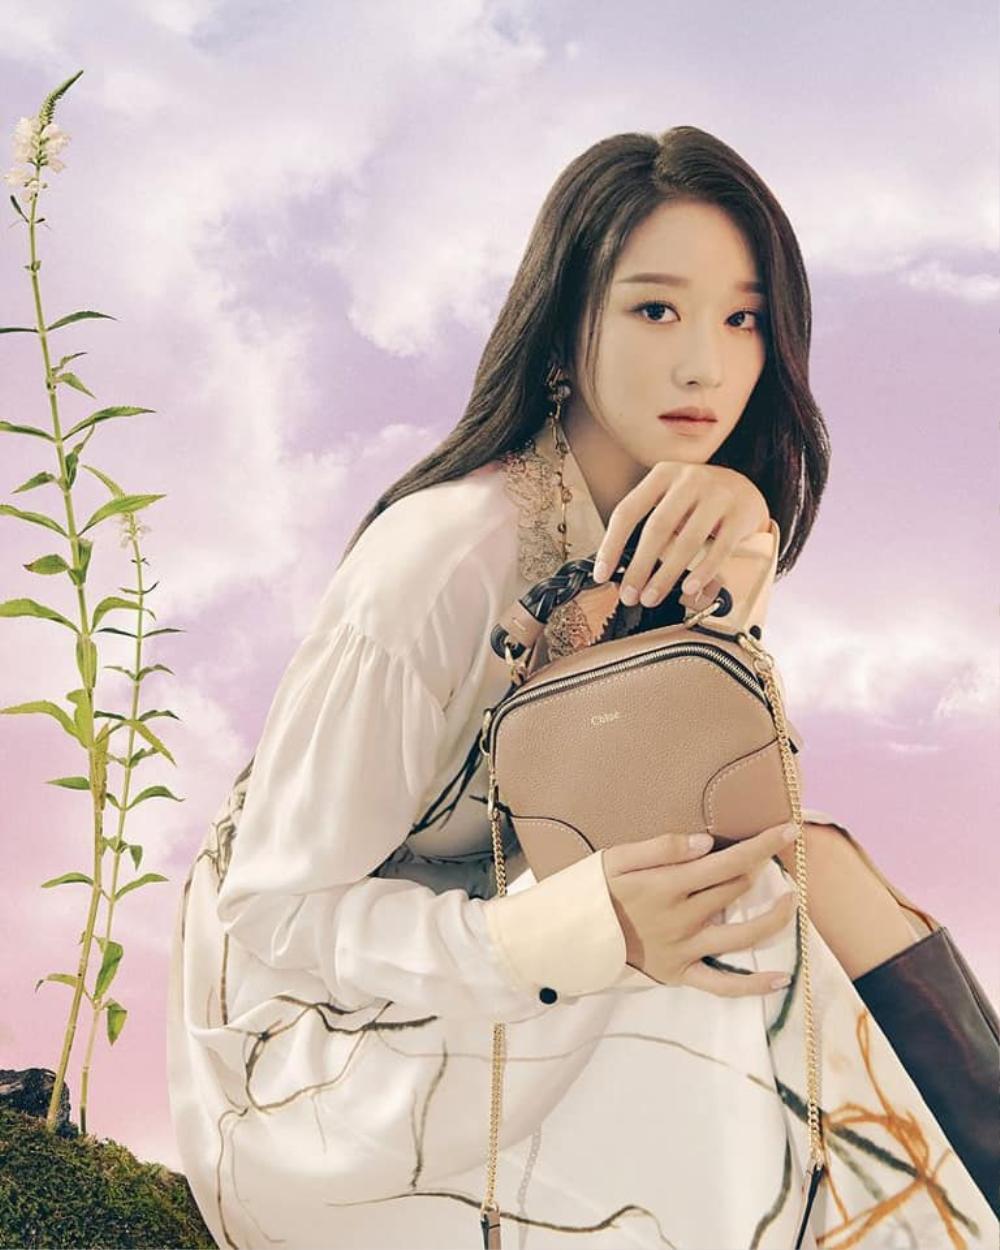 'Điên nữ' Seo Ye Ji đẹp mơ màng khi làm nàng thơ cho hãng thời trang Pháp Ảnh 4